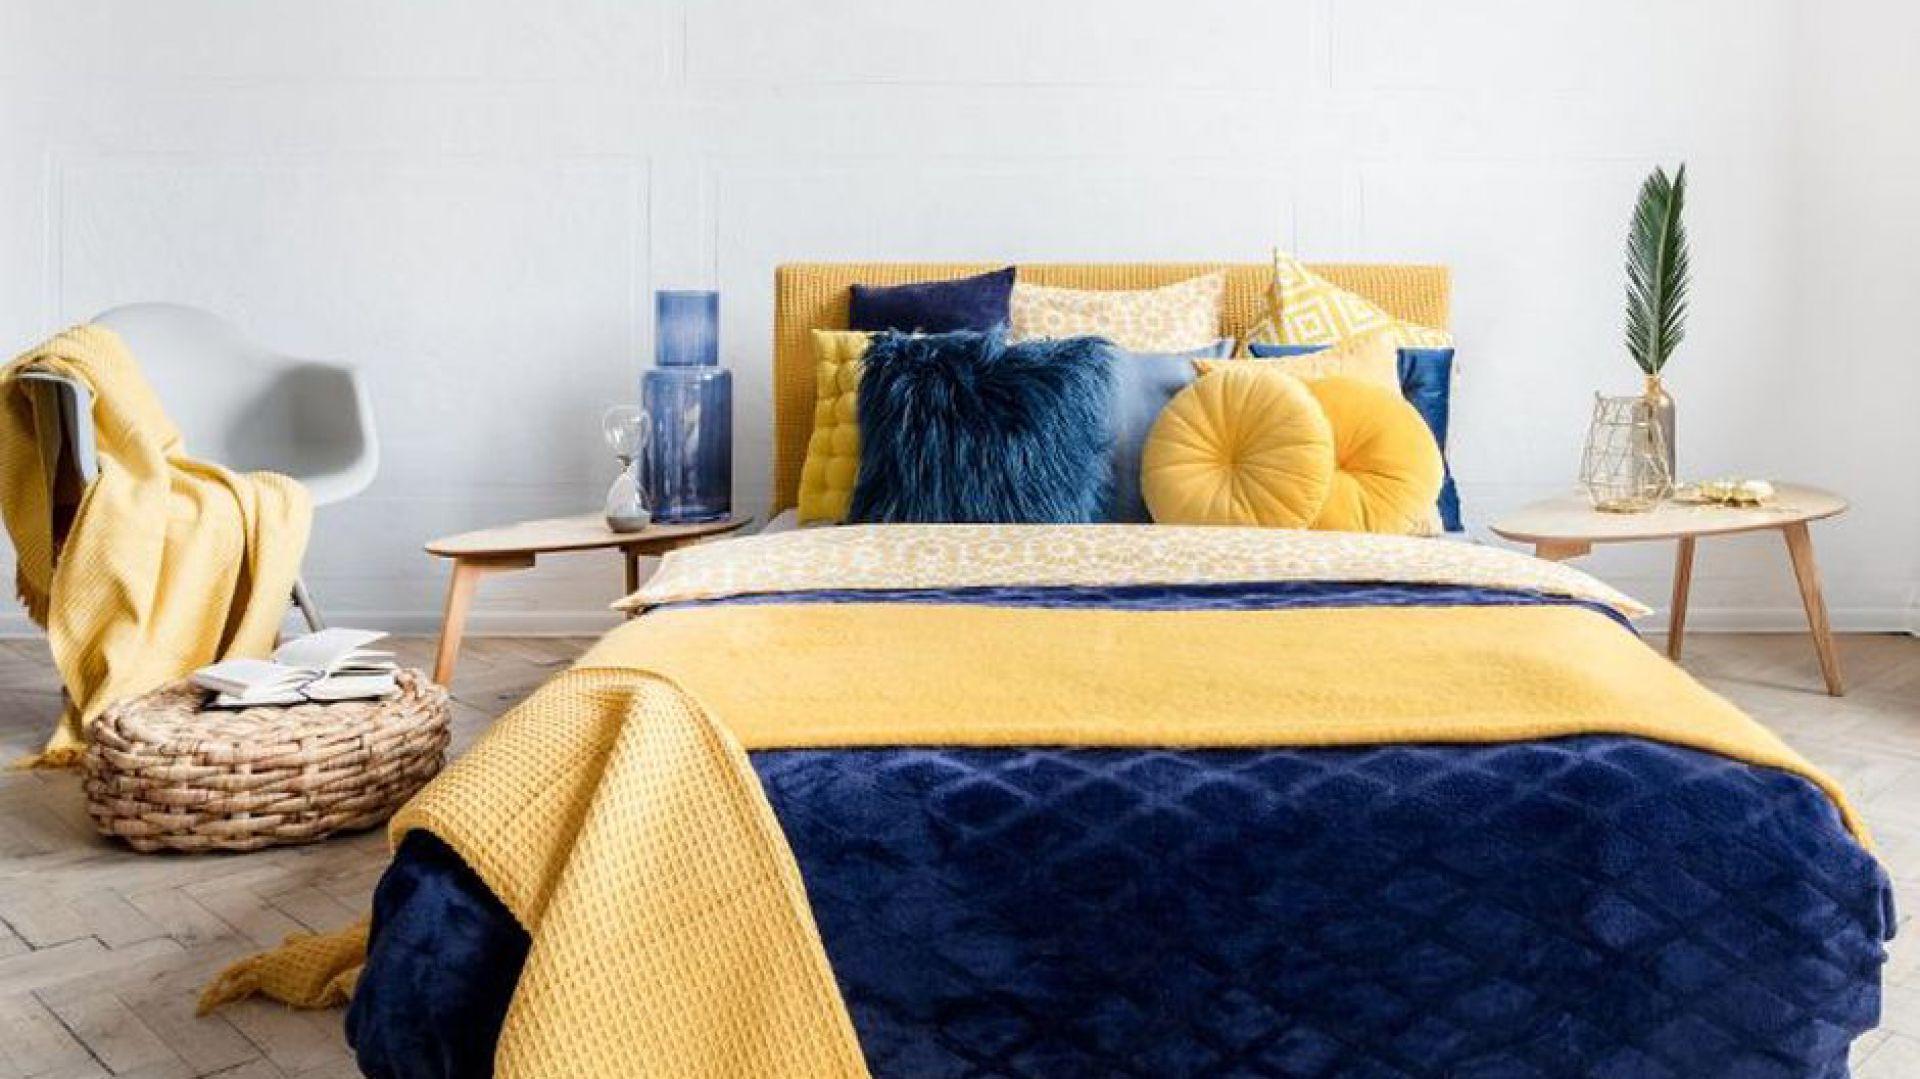 Nowa kolekcja tekstyliów i dodatków Mustard Indygo. Fot. Homla